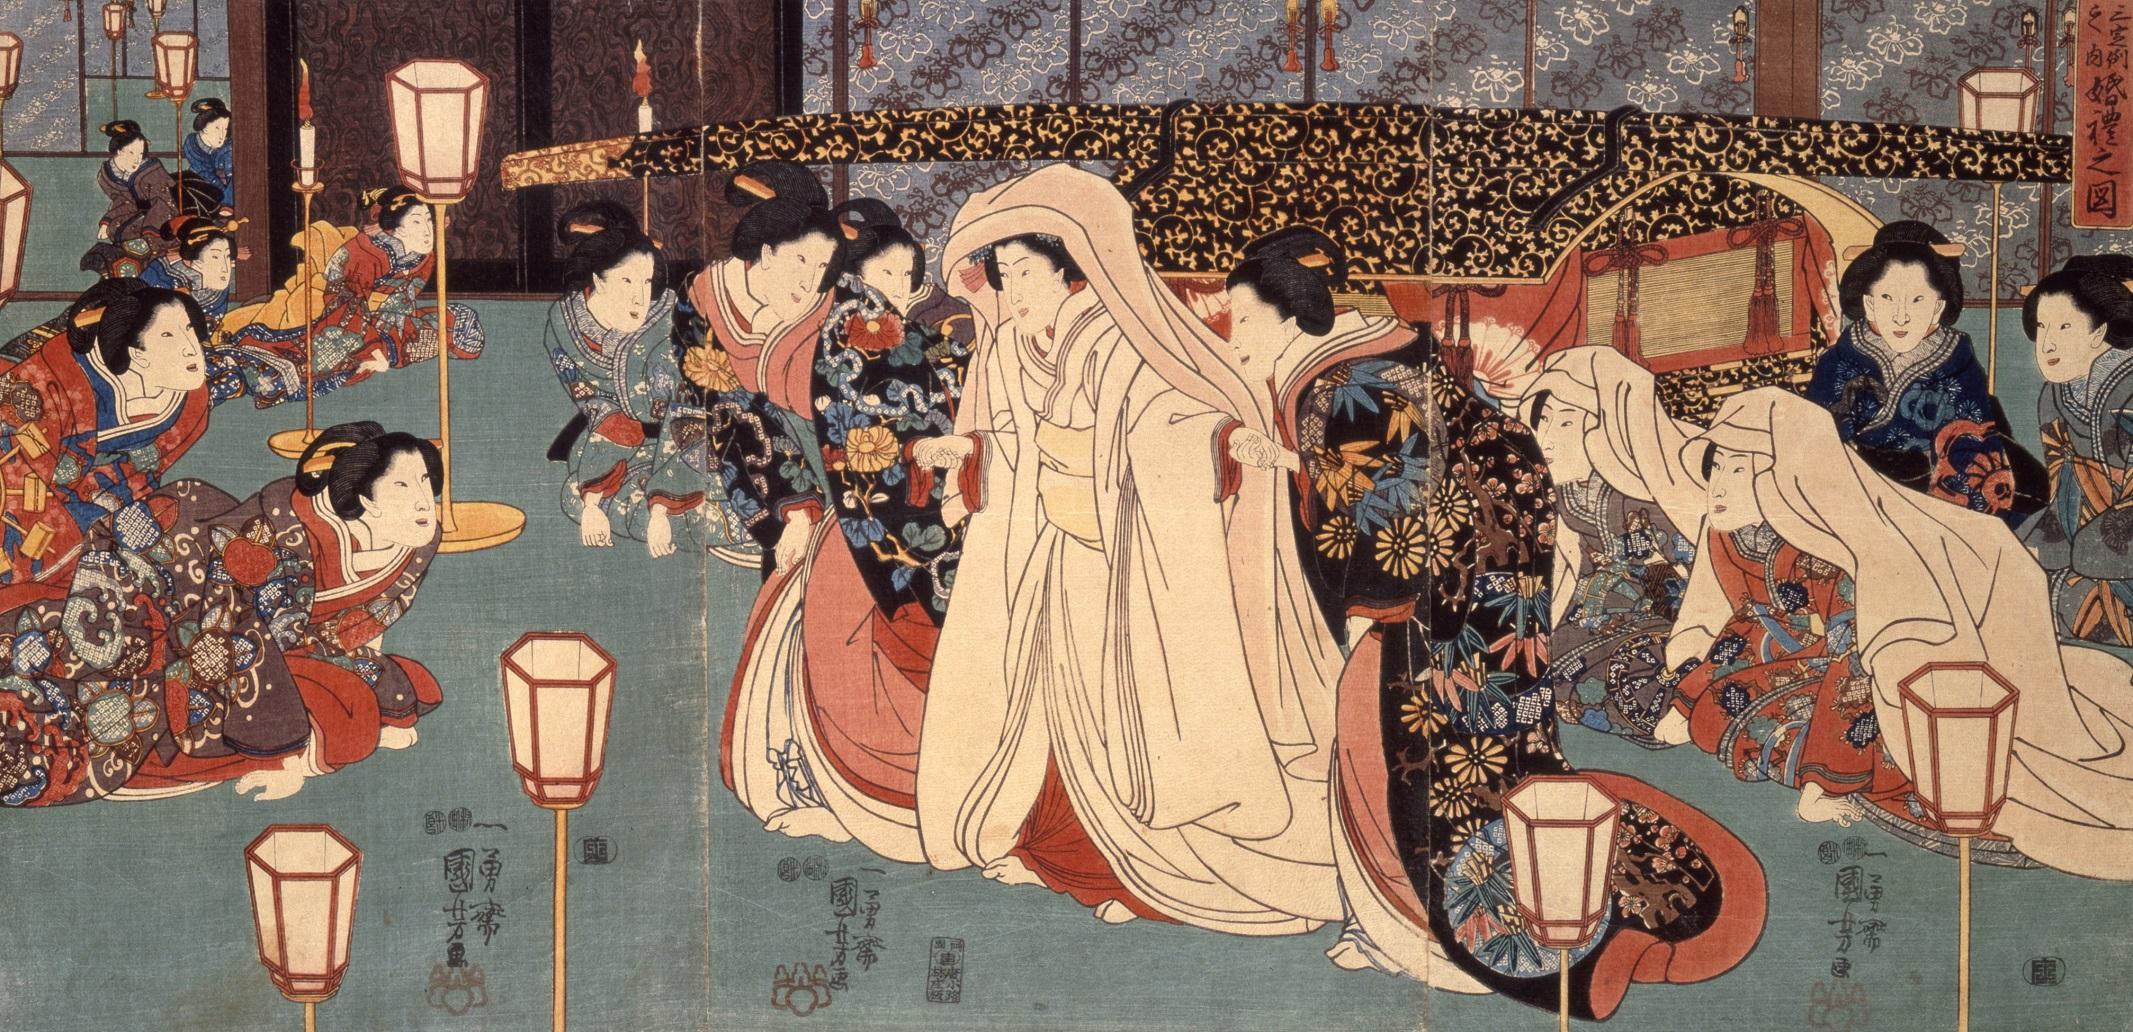 「三定例之内婚礼之図」一勇斎国芳 嘉永元年